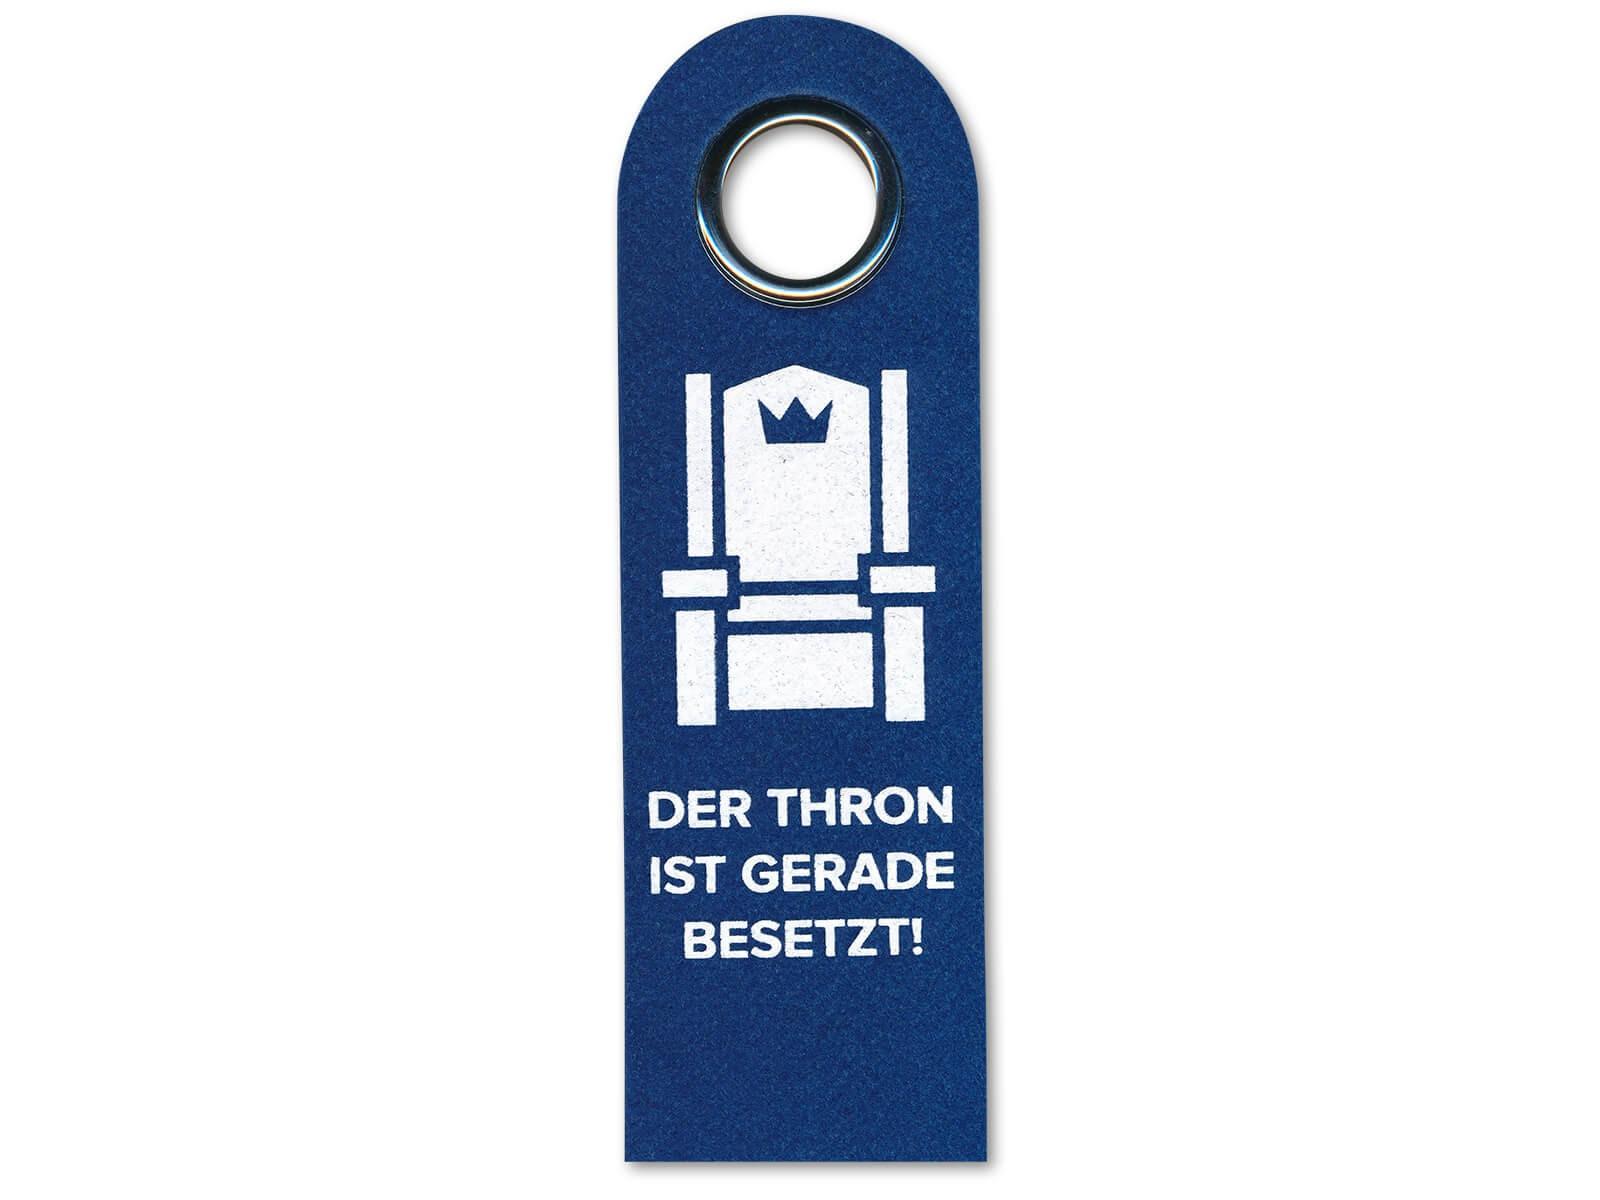 Vorderseite: Der Thron ist gerade besetzt!